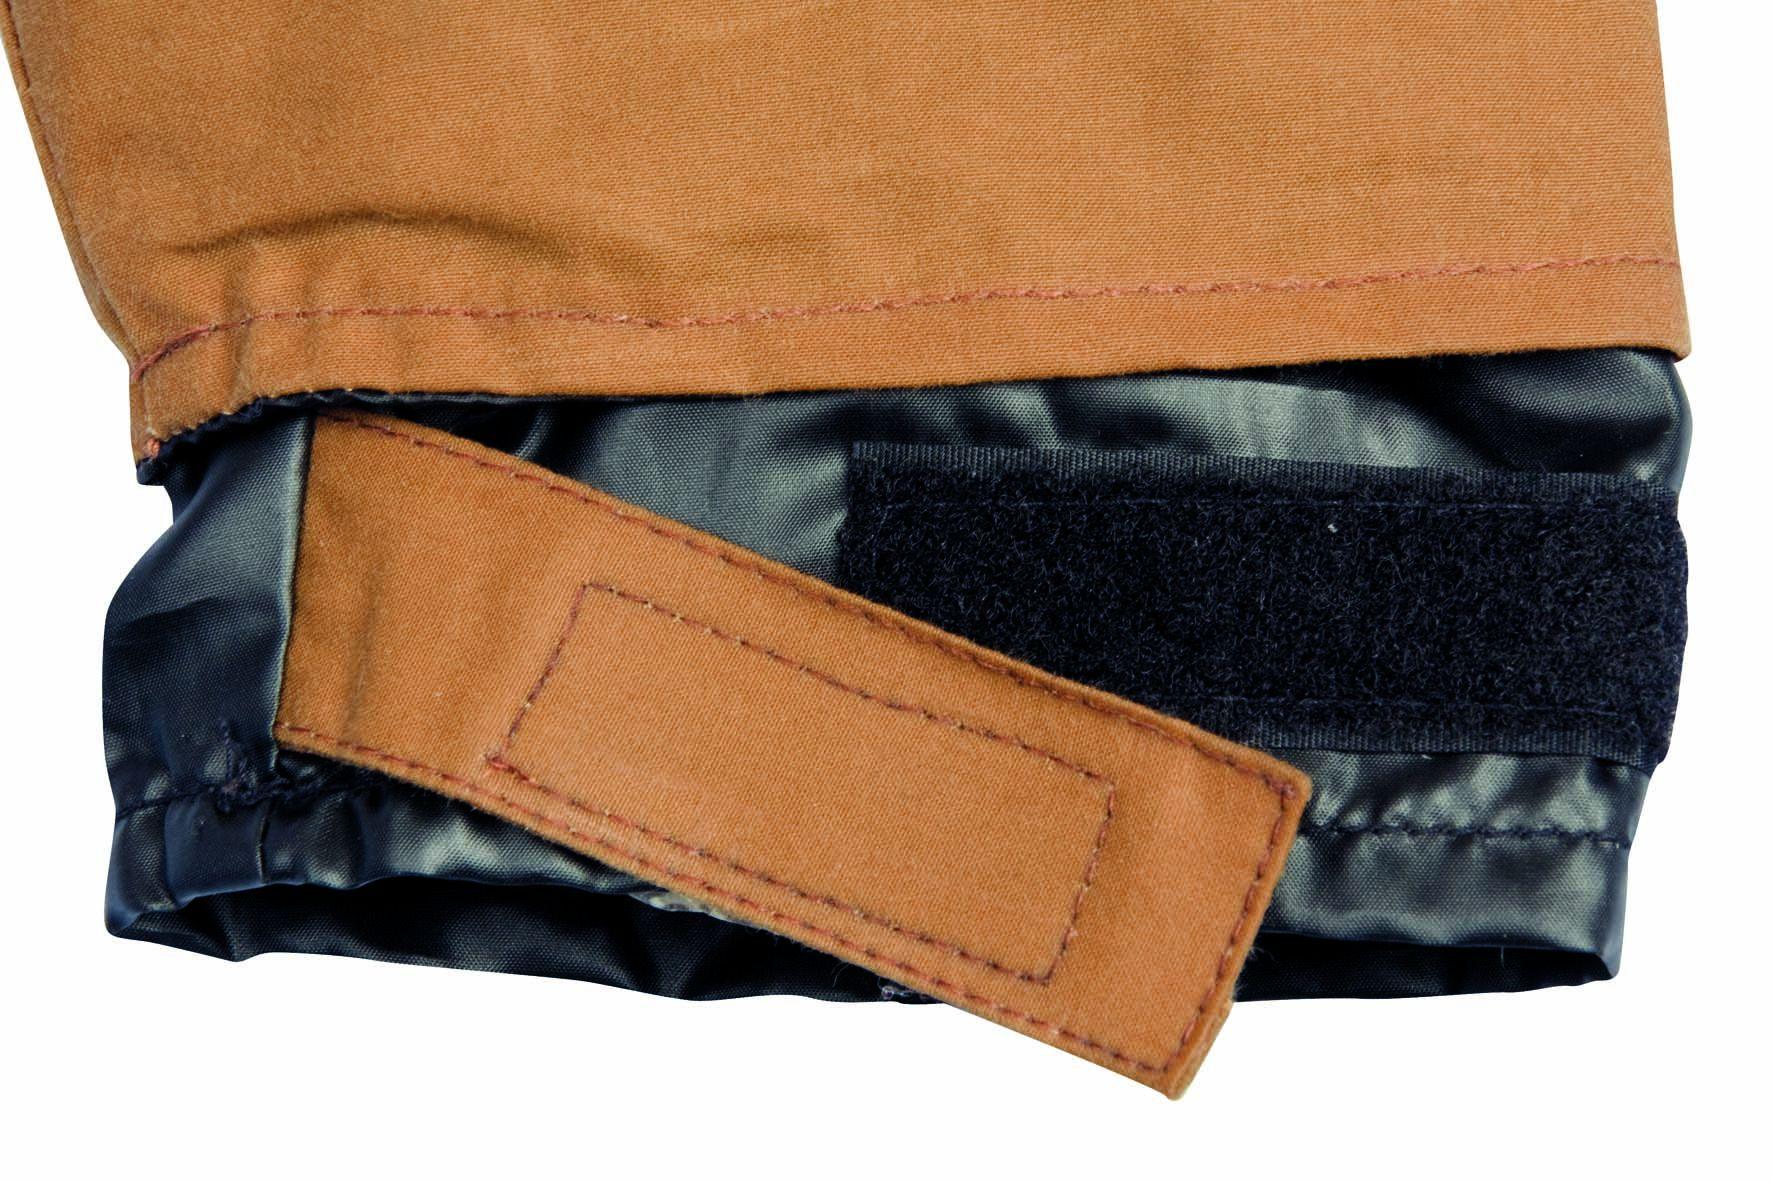 Veste classique en coton huilé tanami de Scippis